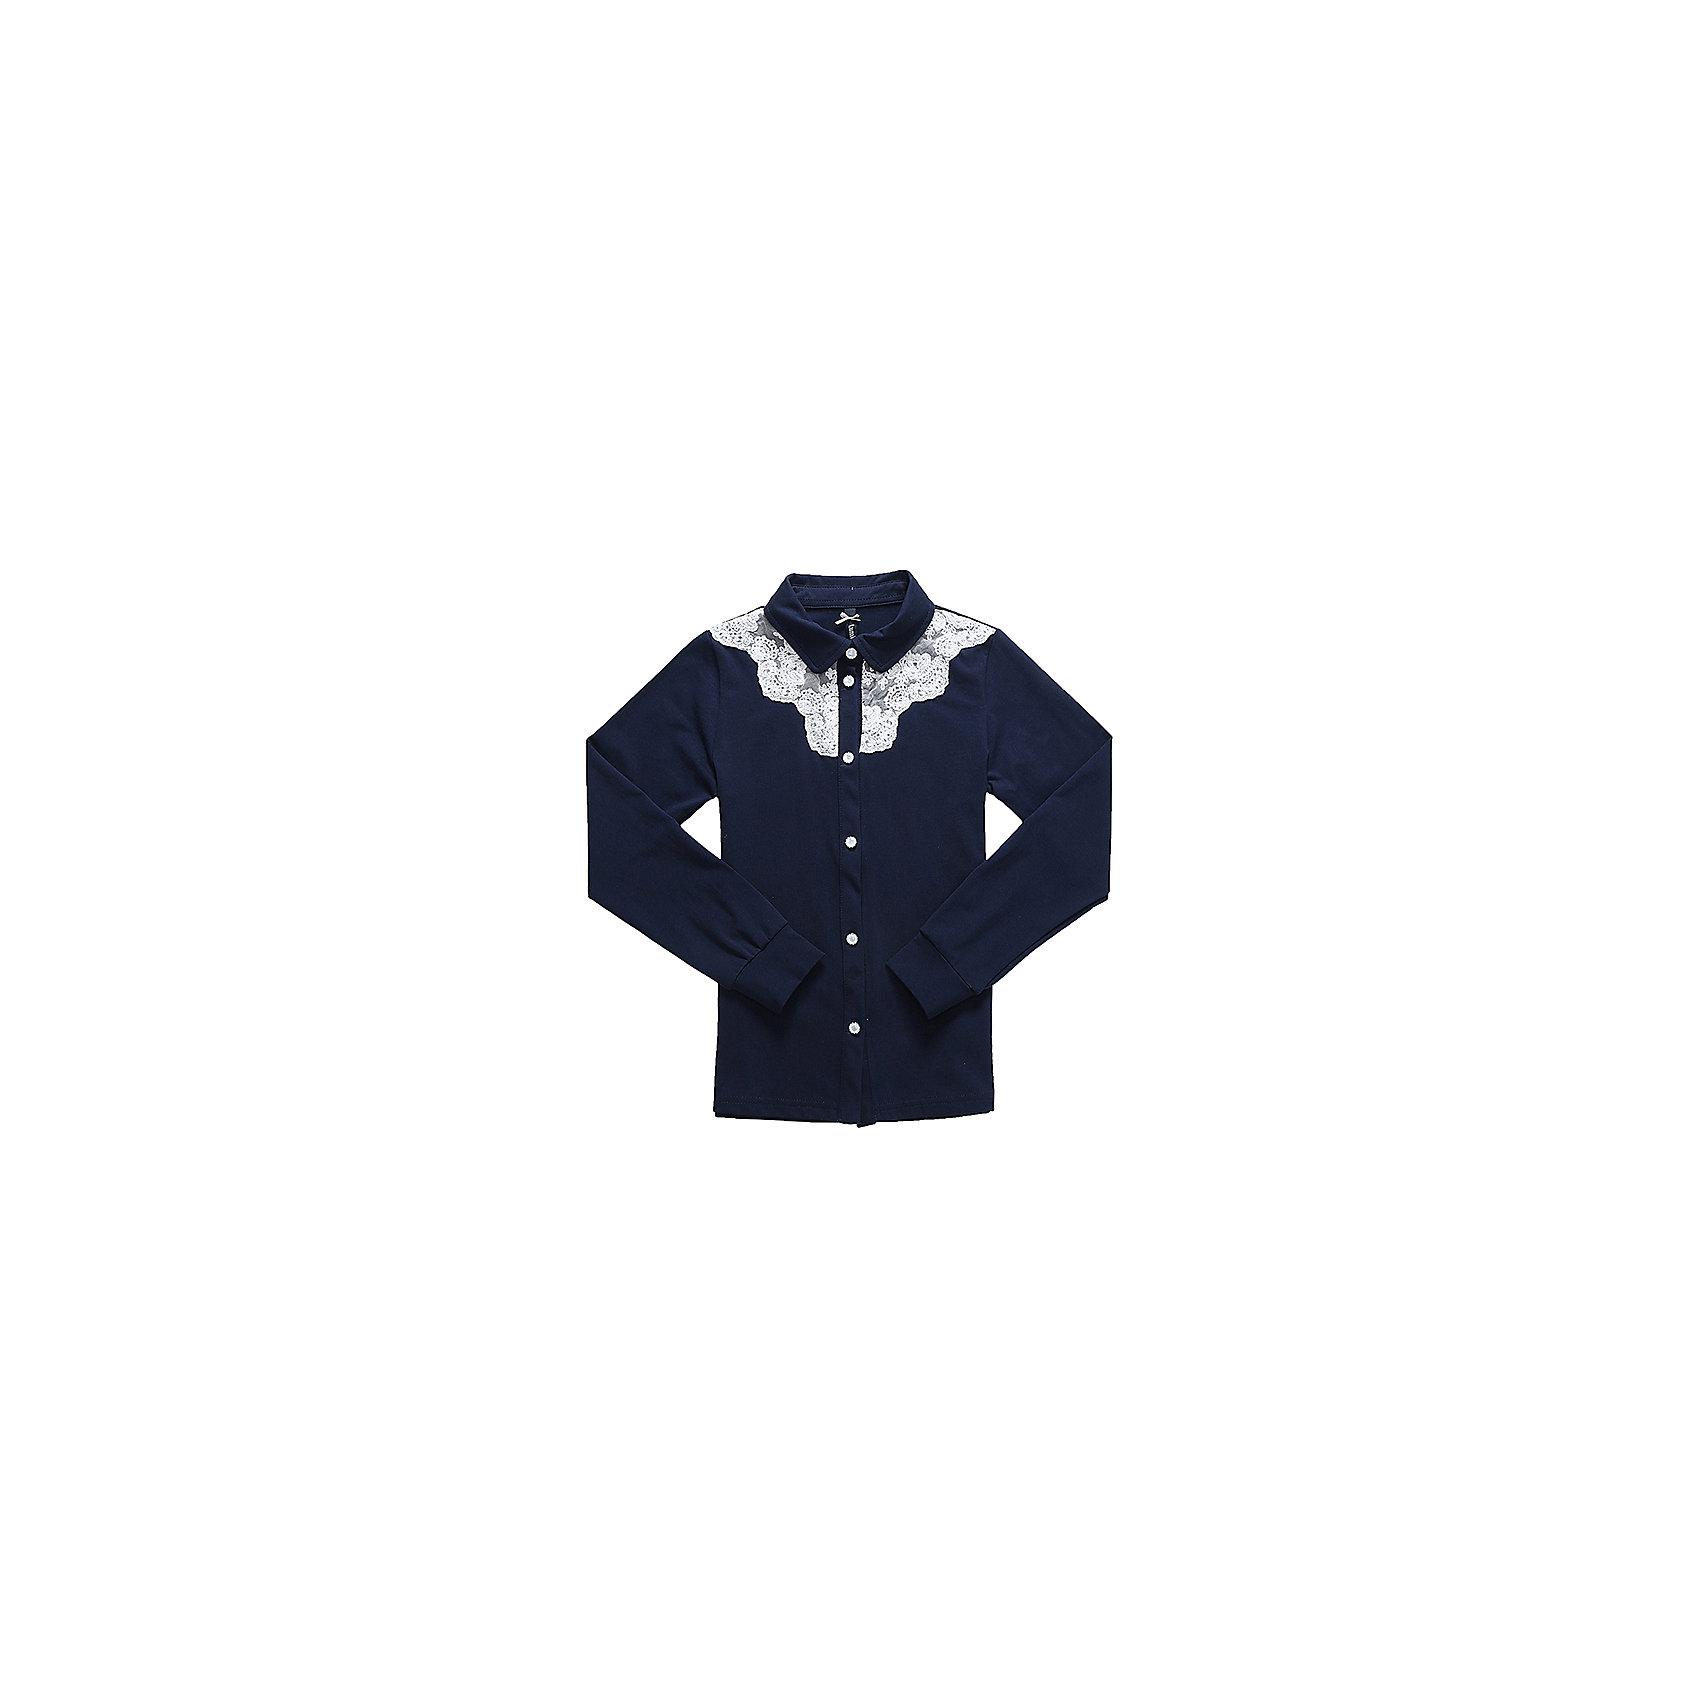 Блузка для девочки LuminosoБлузки и рубашки<br>Характеристики товара:<br><br>• цвет: синий;<br>• состав: 95% хлопок, 5% эластан;<br>• сезон: демисезон;<br>• особенности: школьная, однотонная;<br>• с длинным рукавом;<br>• застежка: пуговицы;<br>• трикотажный эластичные манжеты; <br>• отложной воротничок;<br>• ворот декорирован кружевом;<br>• страна бренда: Россия;<br>• страна производства: Китай.<br><br>Школьная блузка с длинным рукавом для девочки из хлопкового полотна, с отложным воротничком. Рукав с трикотажным манжетом. Блузка декорирована контрастным кружевным плетением. Застегивается на изящные пуговки.<br><br>Блузка для девочки Luminoso (Люминосо) можно купить в нашем интернет-магазине.<br><br>Ширина мм: 186<br>Глубина мм: 87<br>Высота мм: 198<br>Вес г: 197<br>Цвет: синий<br>Возраст от месяцев: 72<br>Возраст до месяцев: 84<br>Пол: Женский<br>Возраст: Детский<br>Размер: 122,164,128,134,140,146,152,158<br>SKU: 6672896